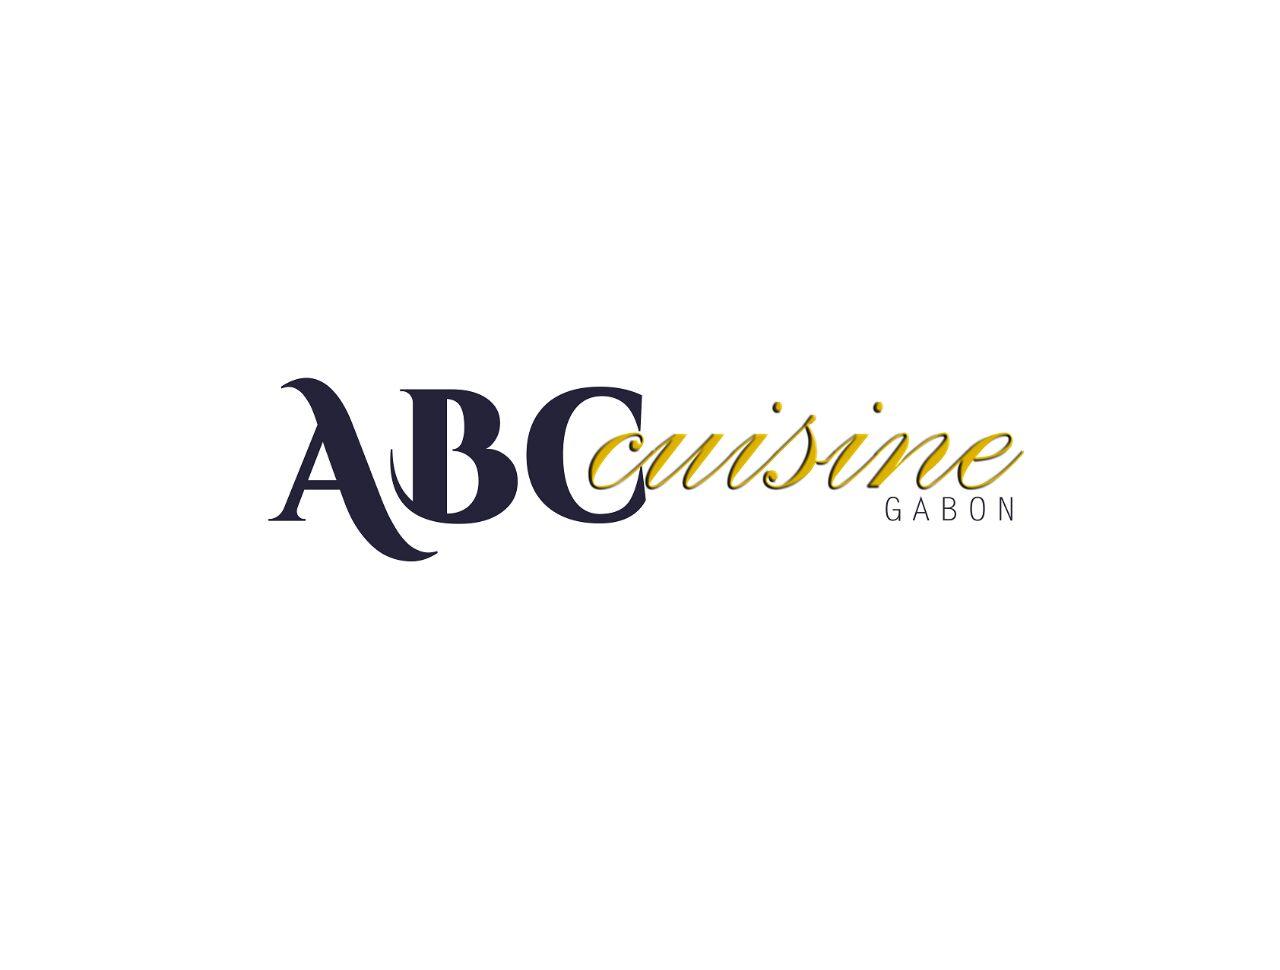 ABC Cuisine Gabon